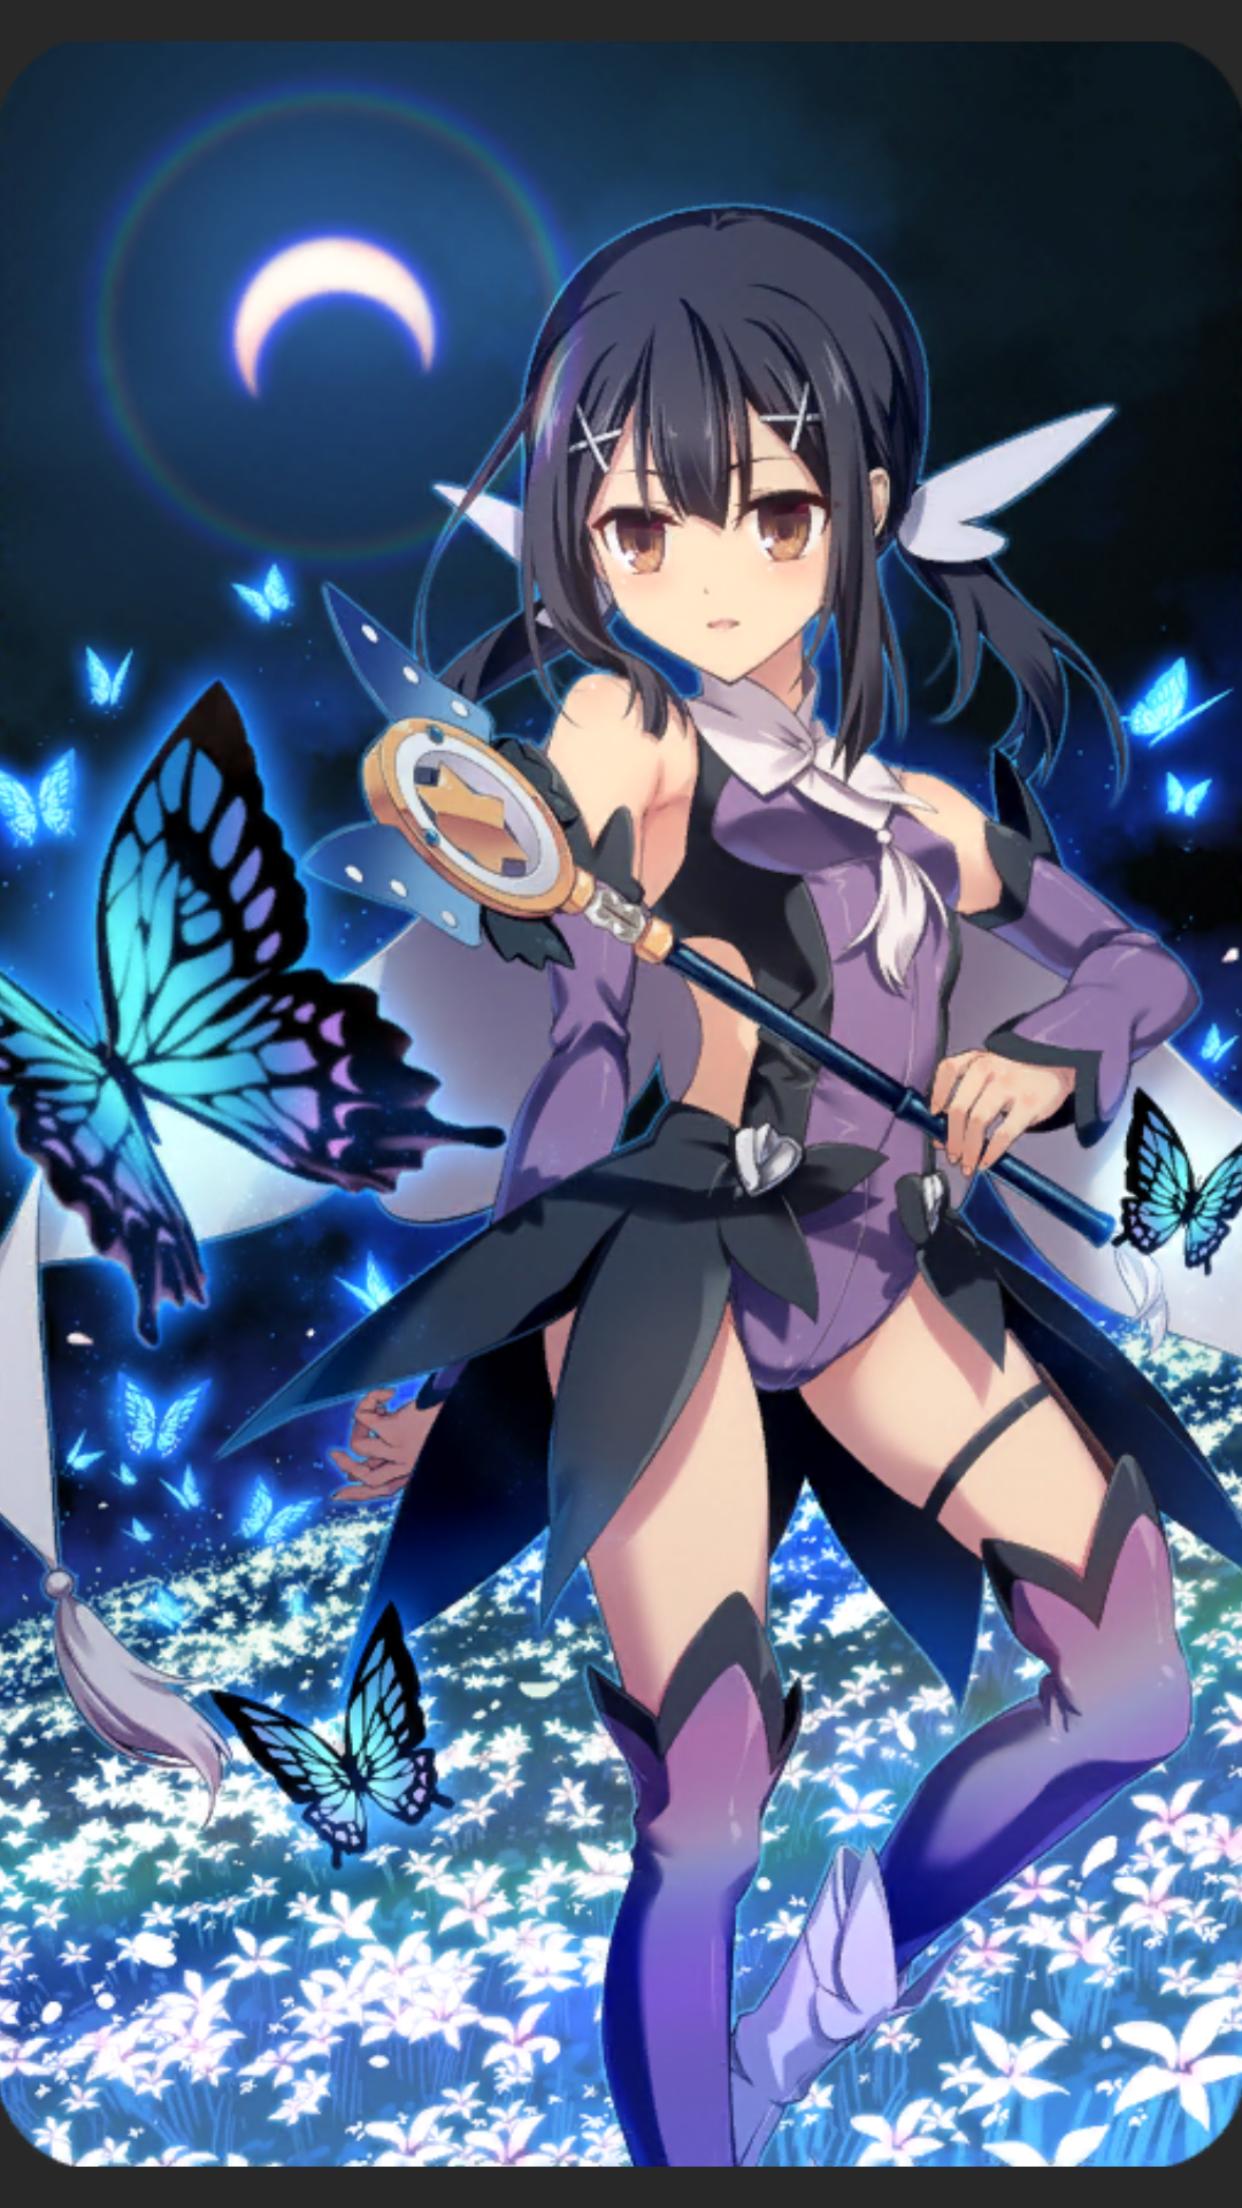 復刻 版 魔法 少女 紀行 プリズマ コーズ